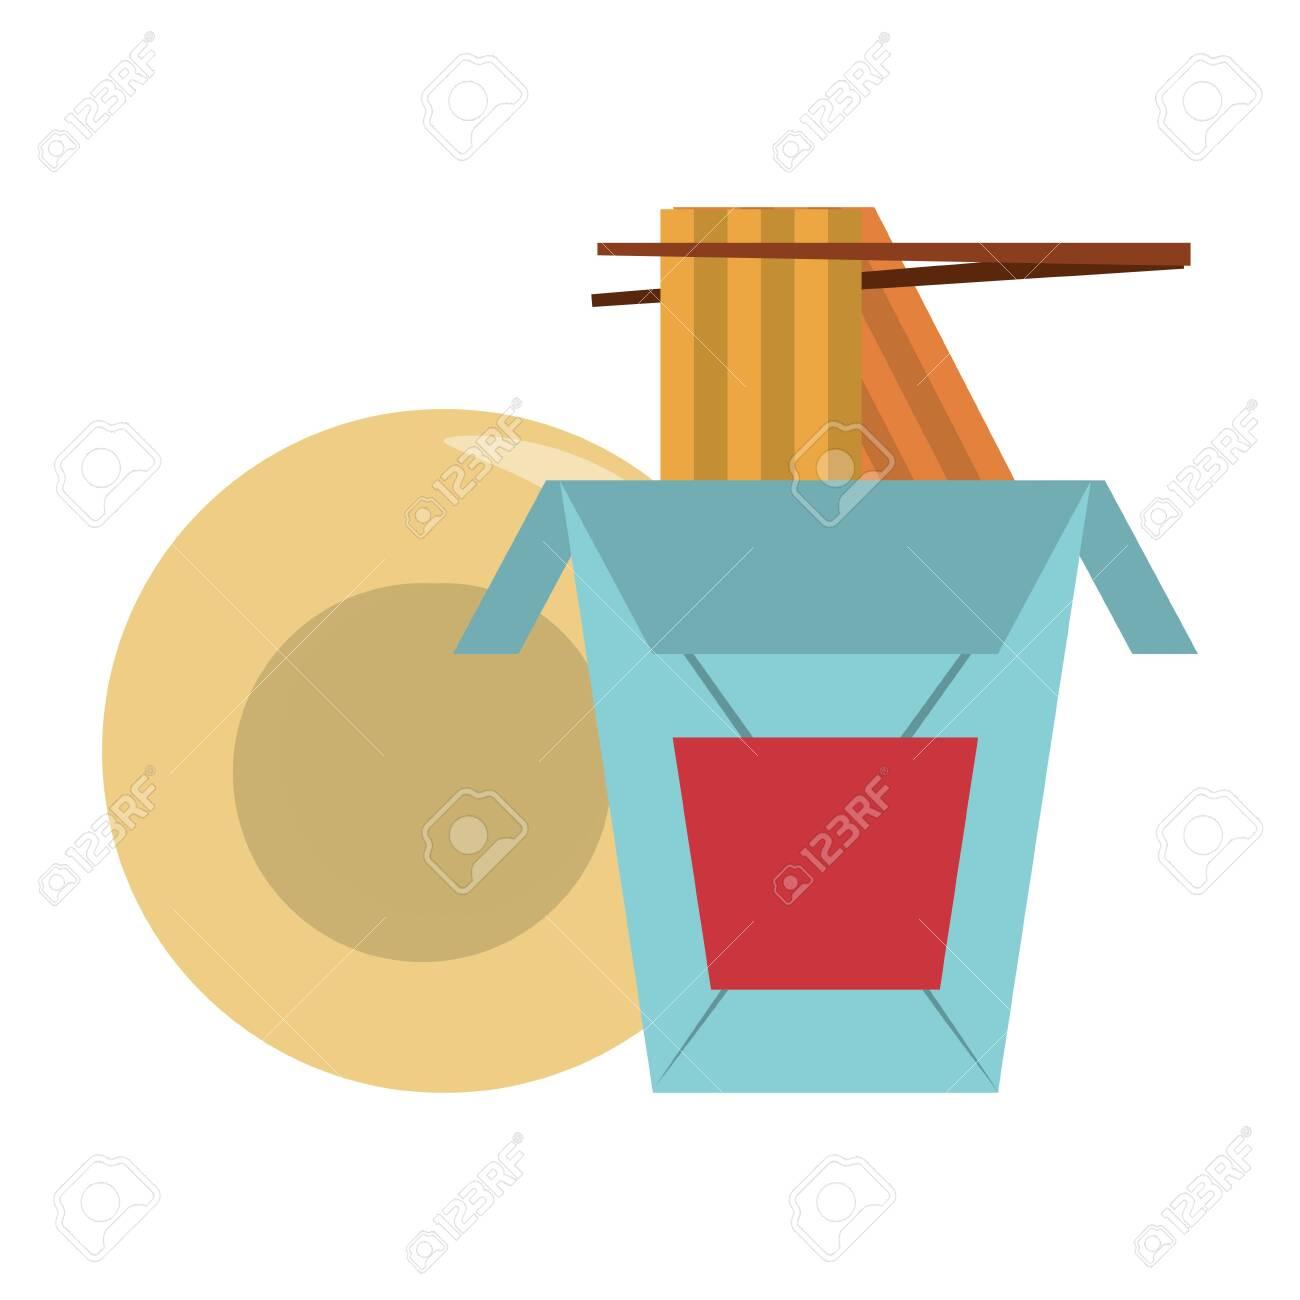 Restaurant Food And Cuisine Chinese Food With Chopstick And Plate Icon Cartoons Vector Illustration Graphic Design Ilustraciones Vectoriales Clip Art Vectorizado Libre De Derechos Image 135902477